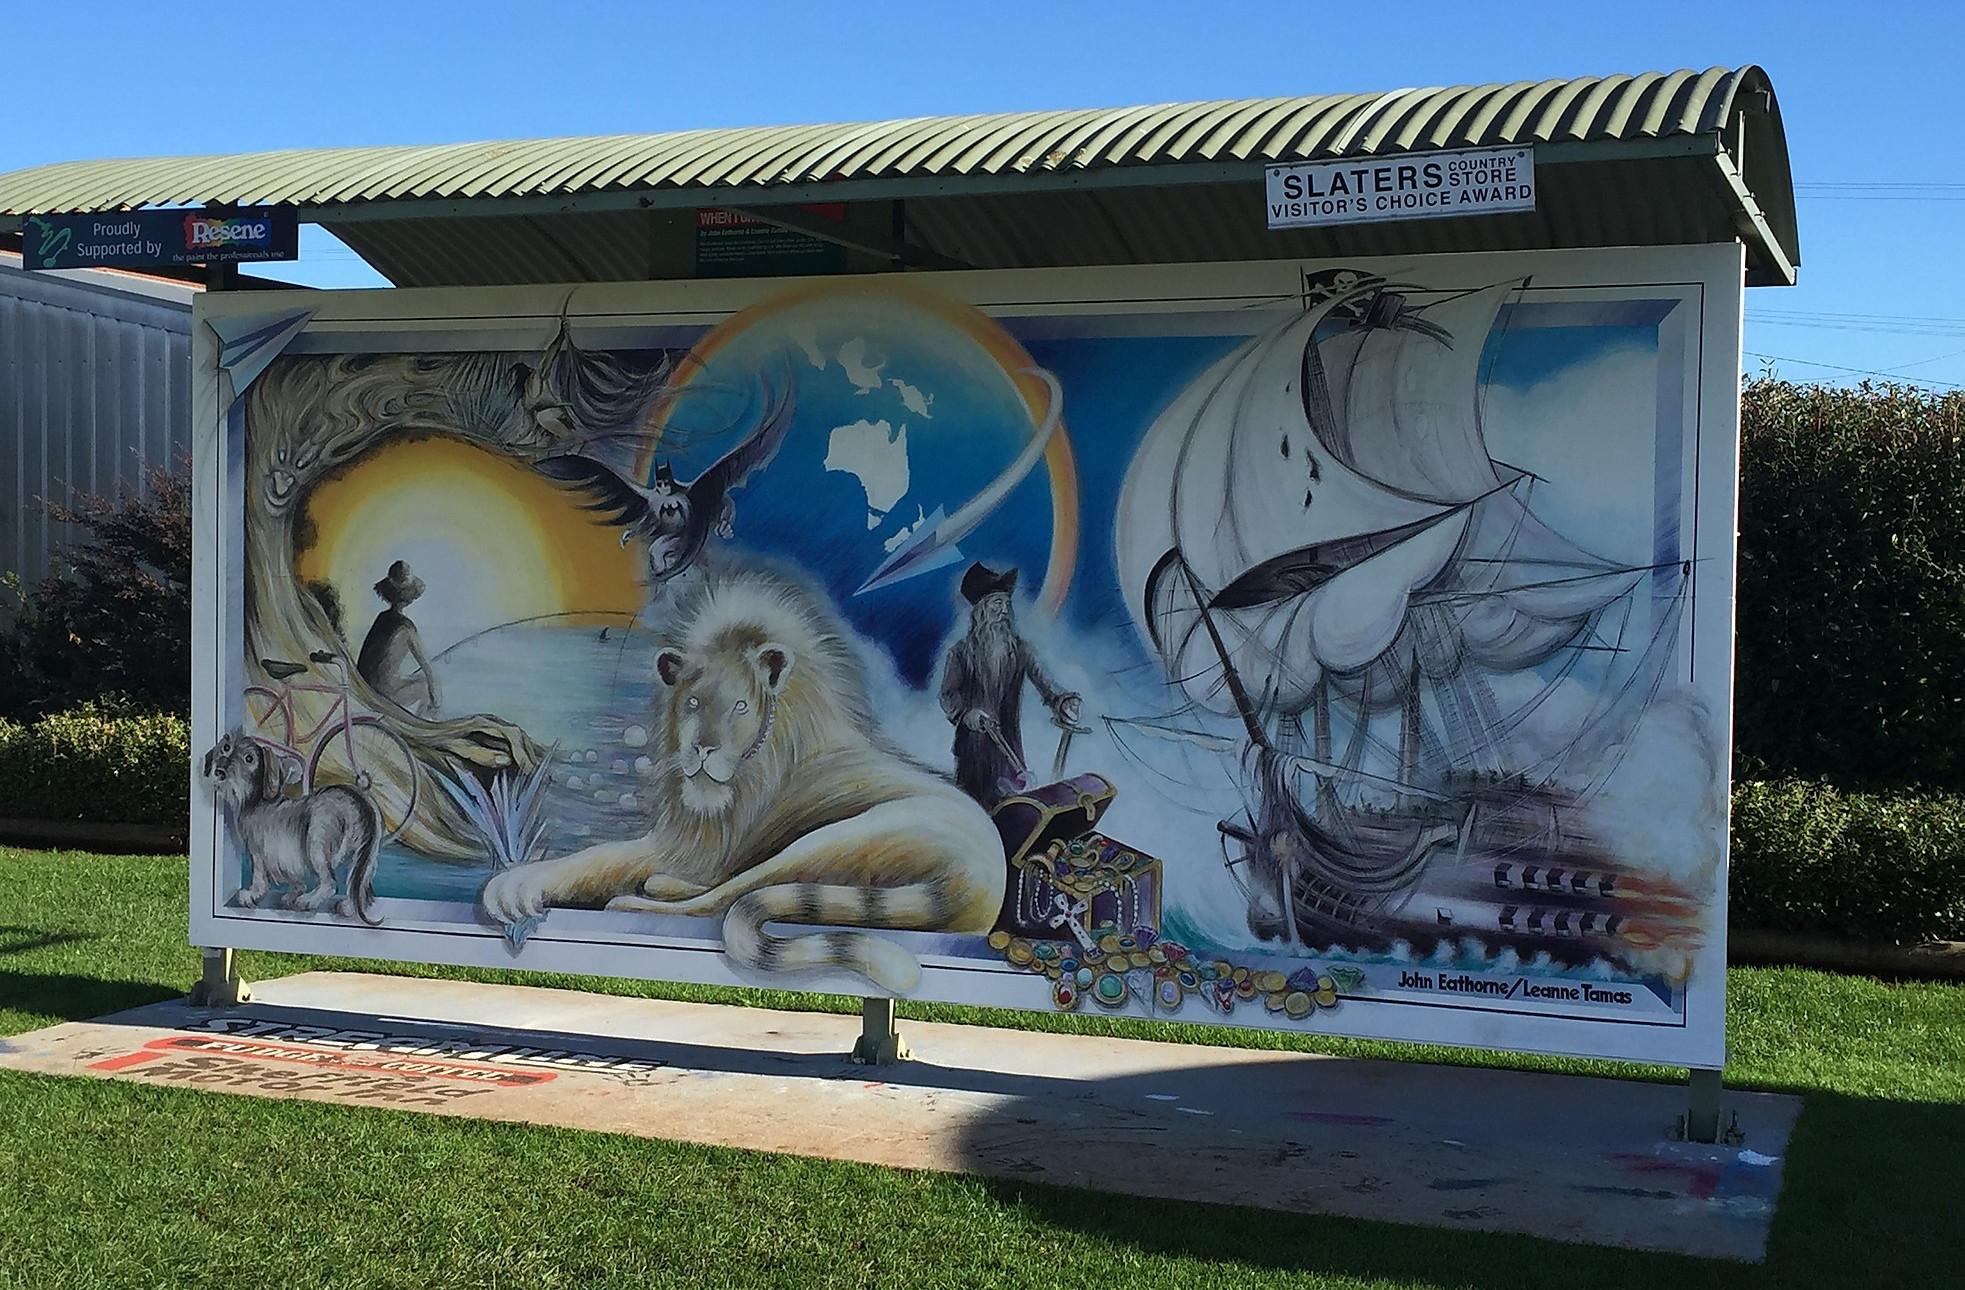 Шеффилд, выставка фресок — Тасмания 2017 — Блог о путешествиях Сергея Чеботова